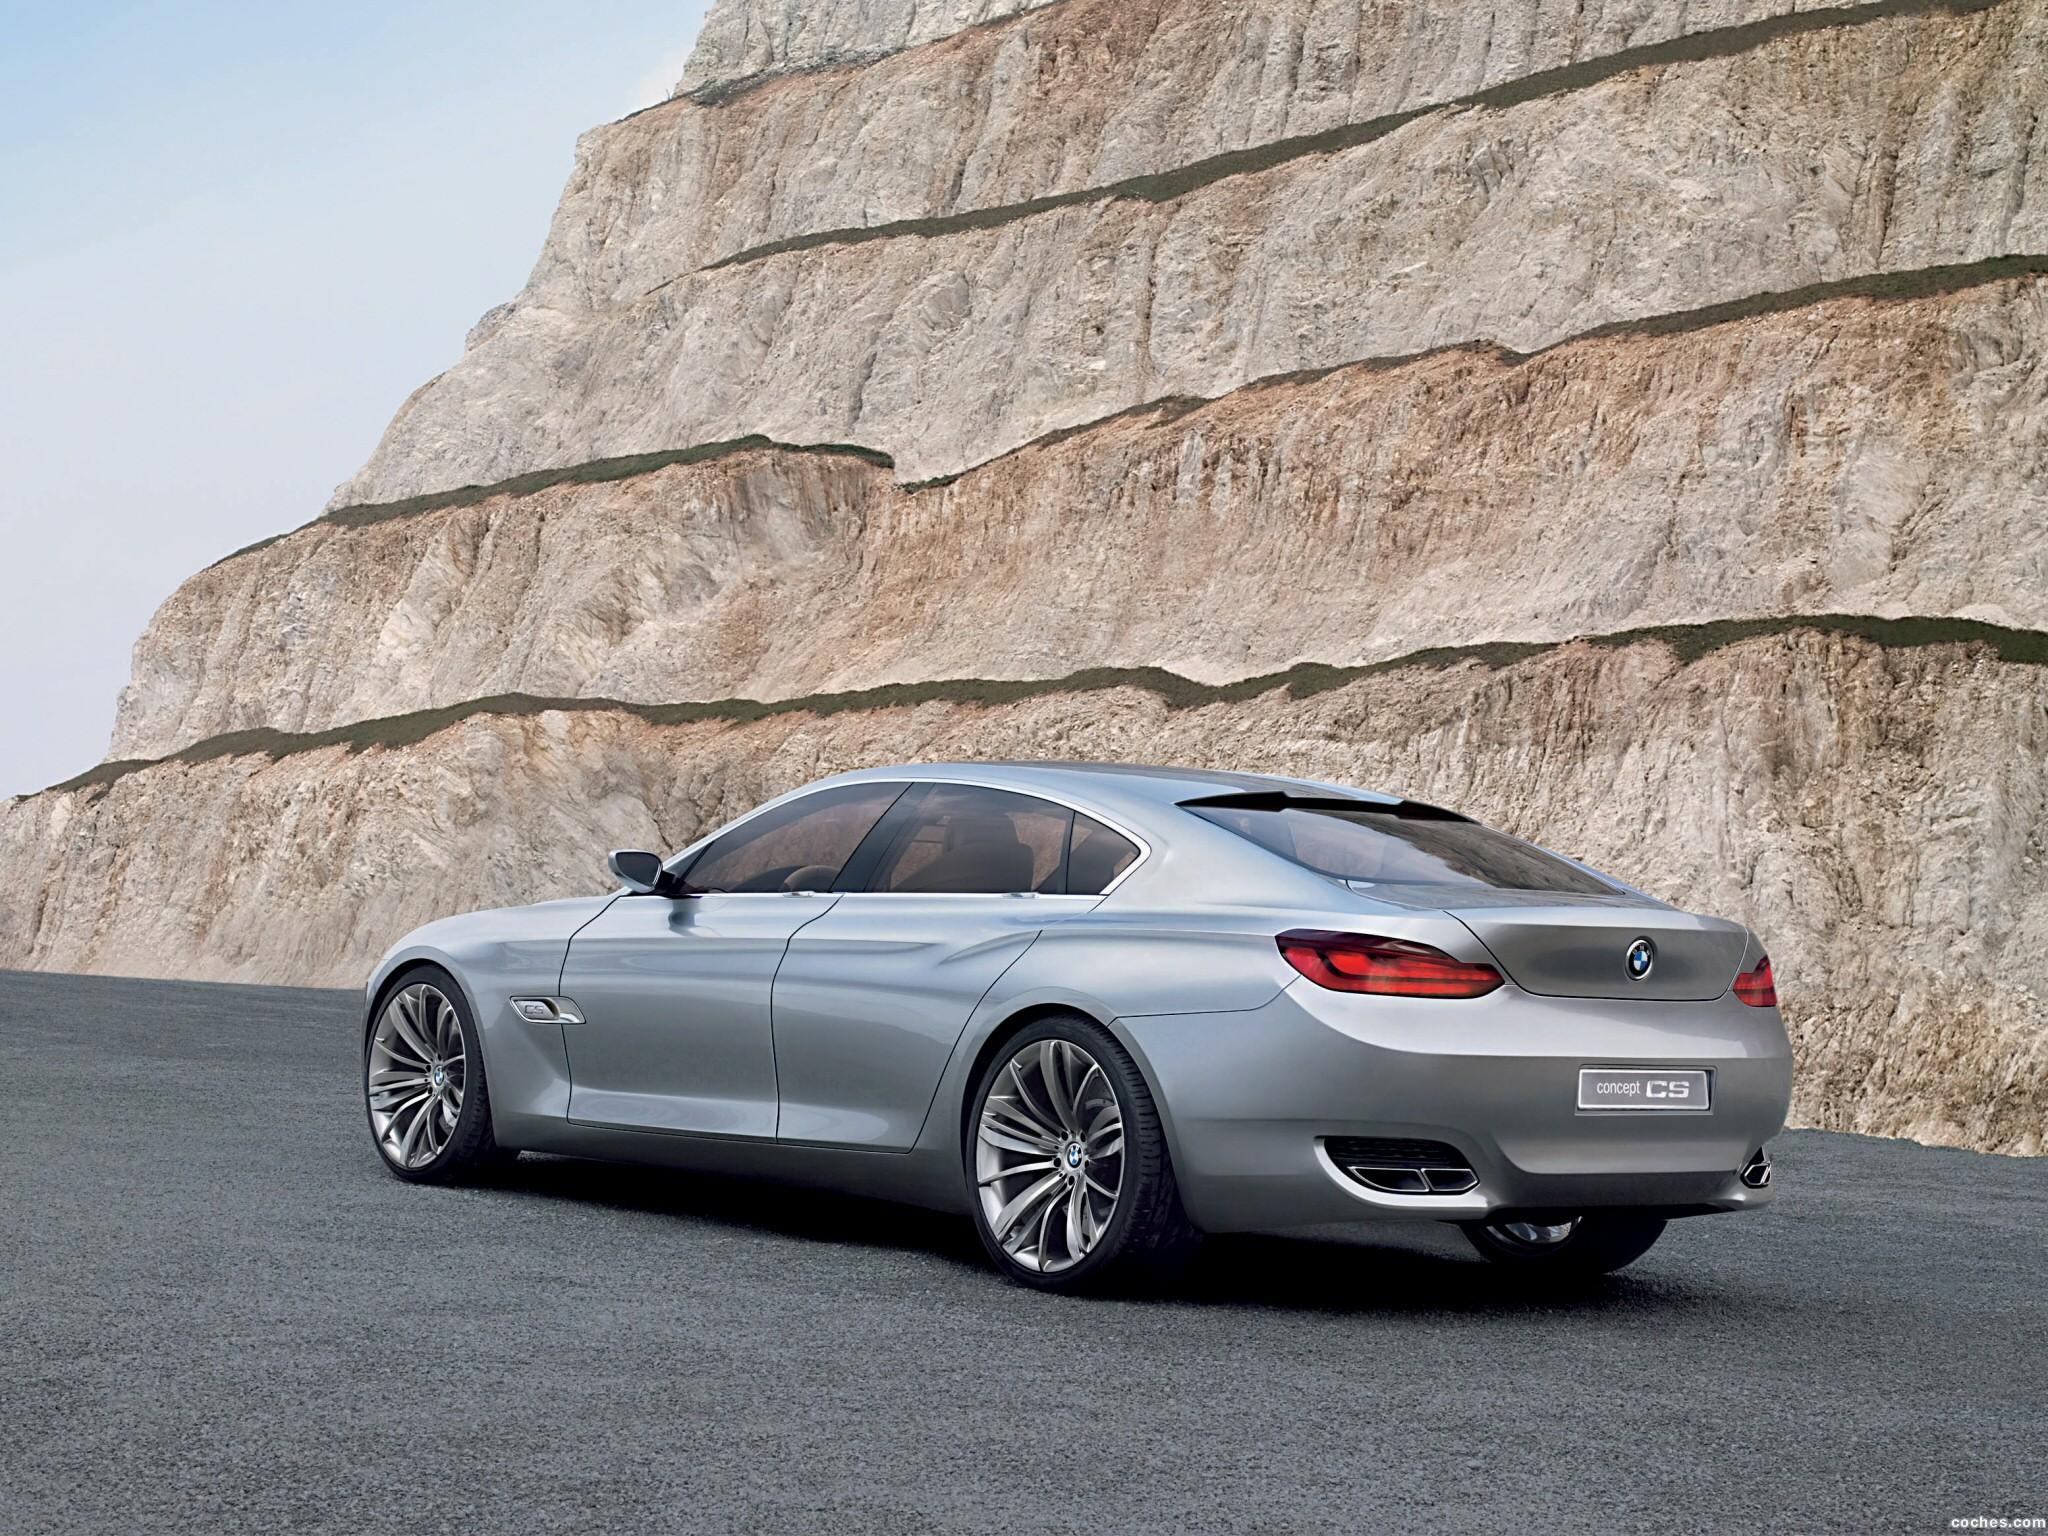 Foto 1 de BMW Concept CS 2007